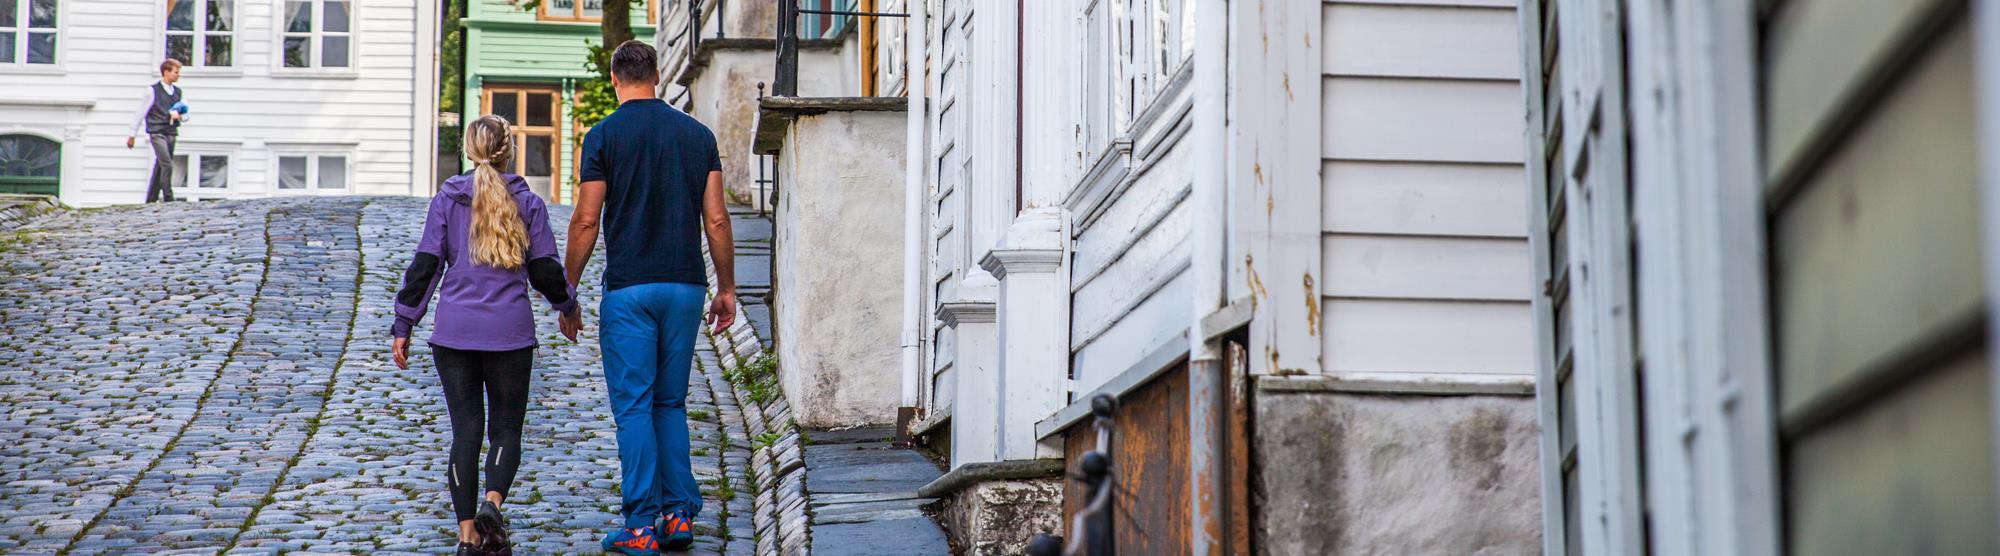 Sightseeing in Bergen